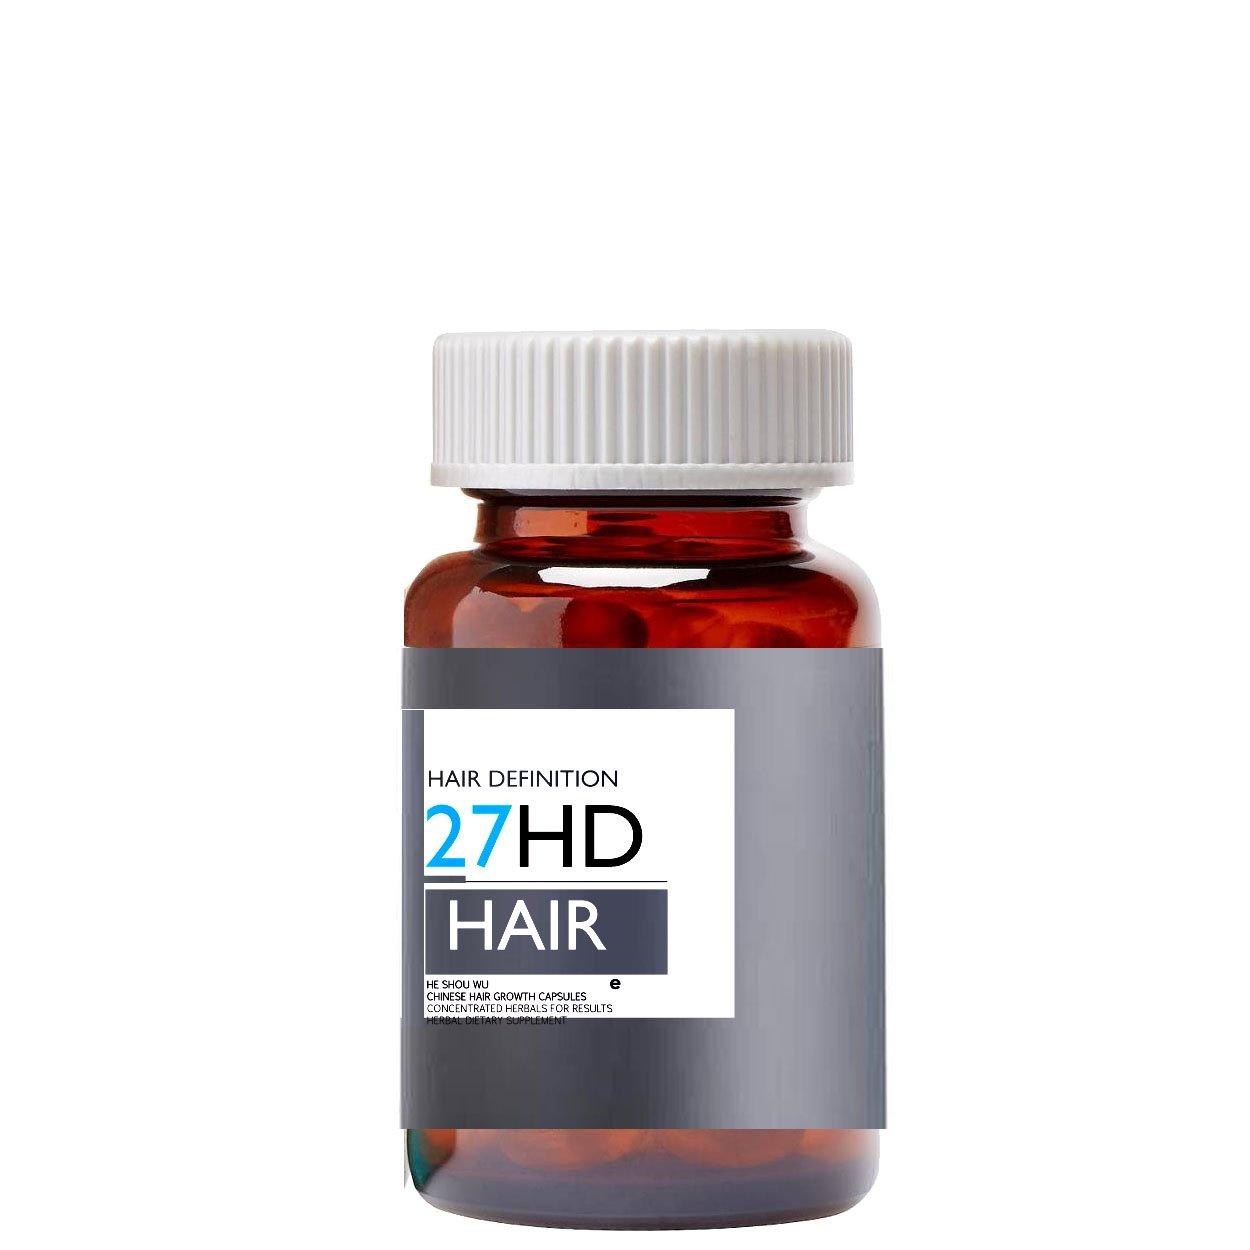 He Shou Wu Chinese Super Hair Growth Capsules